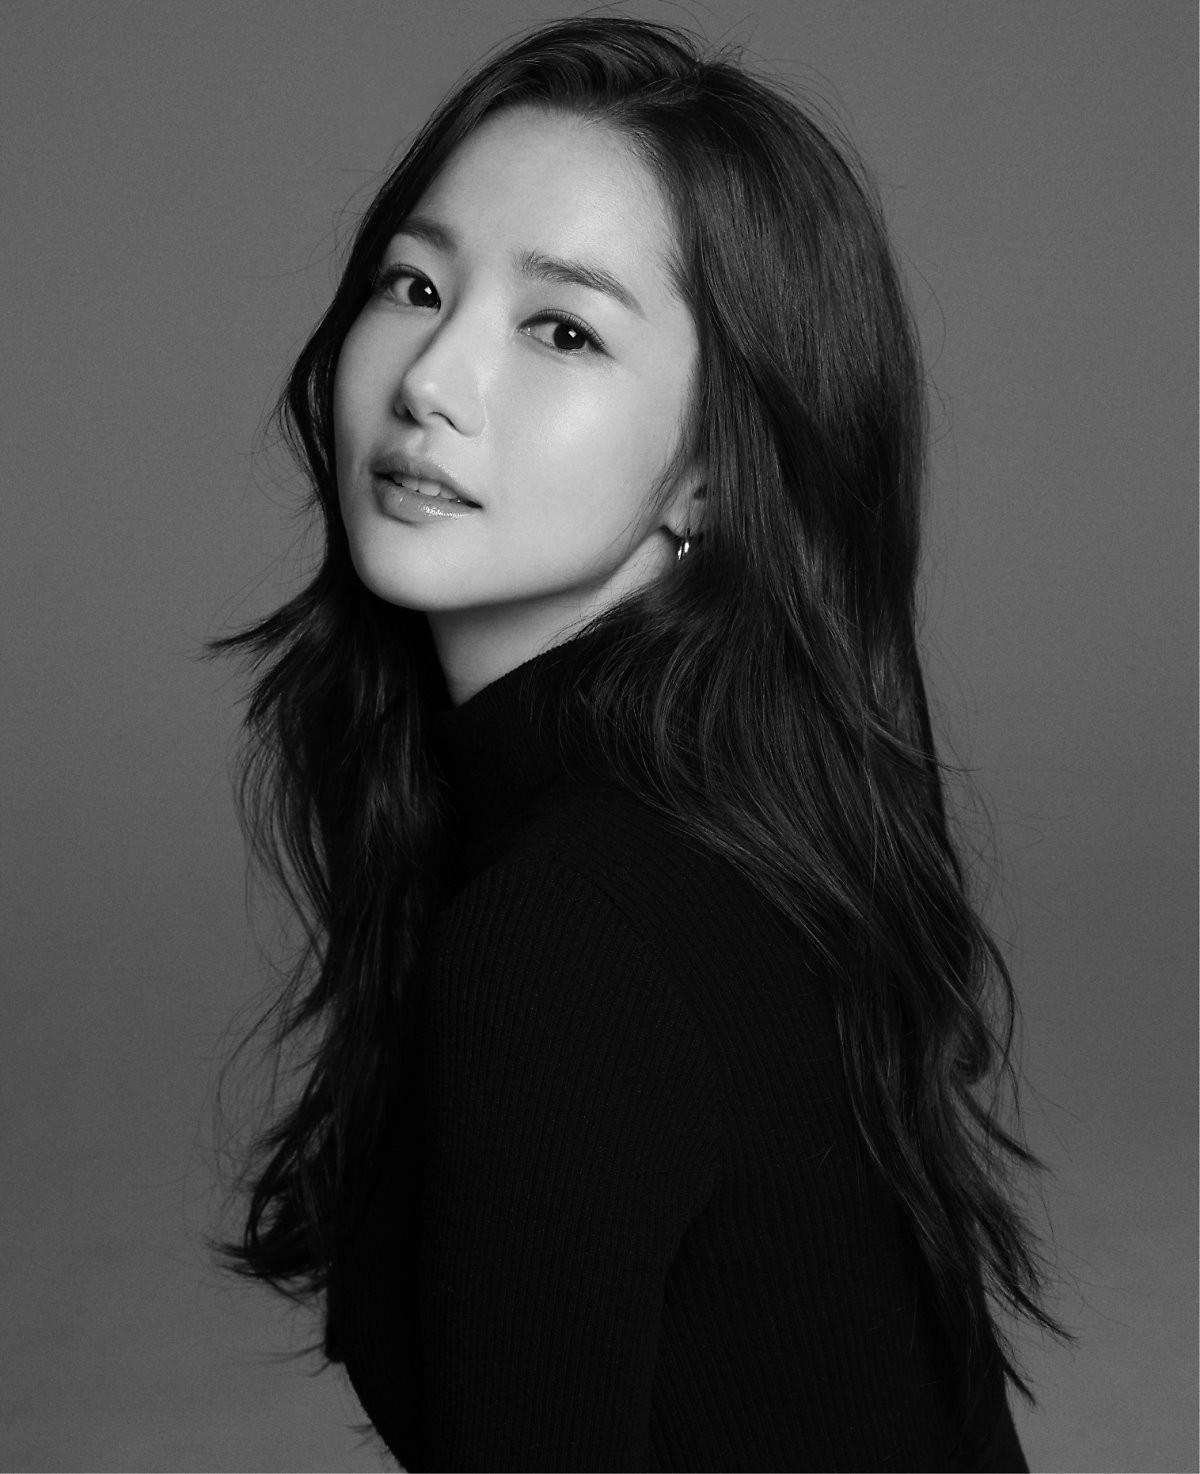 Ảnh hậu trường đẹp khó tin của đệ nhất dao kéo Park Min Young: Đẳng cấp còn hơn cả thiên thần tỉ tỉ - Ảnh 17.